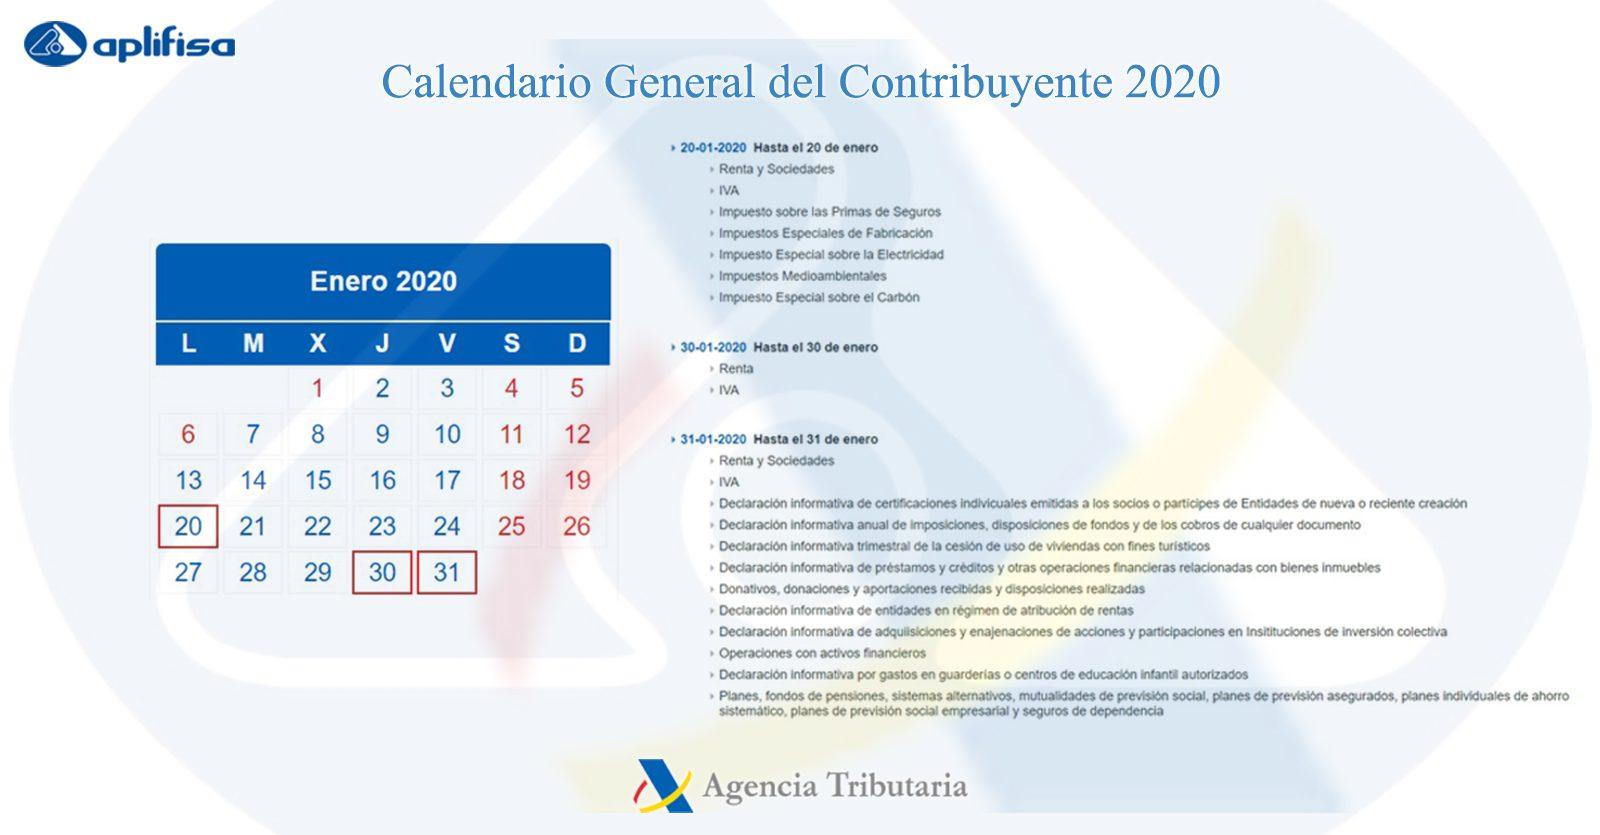 Calendario del Contribuyente de enero 2020